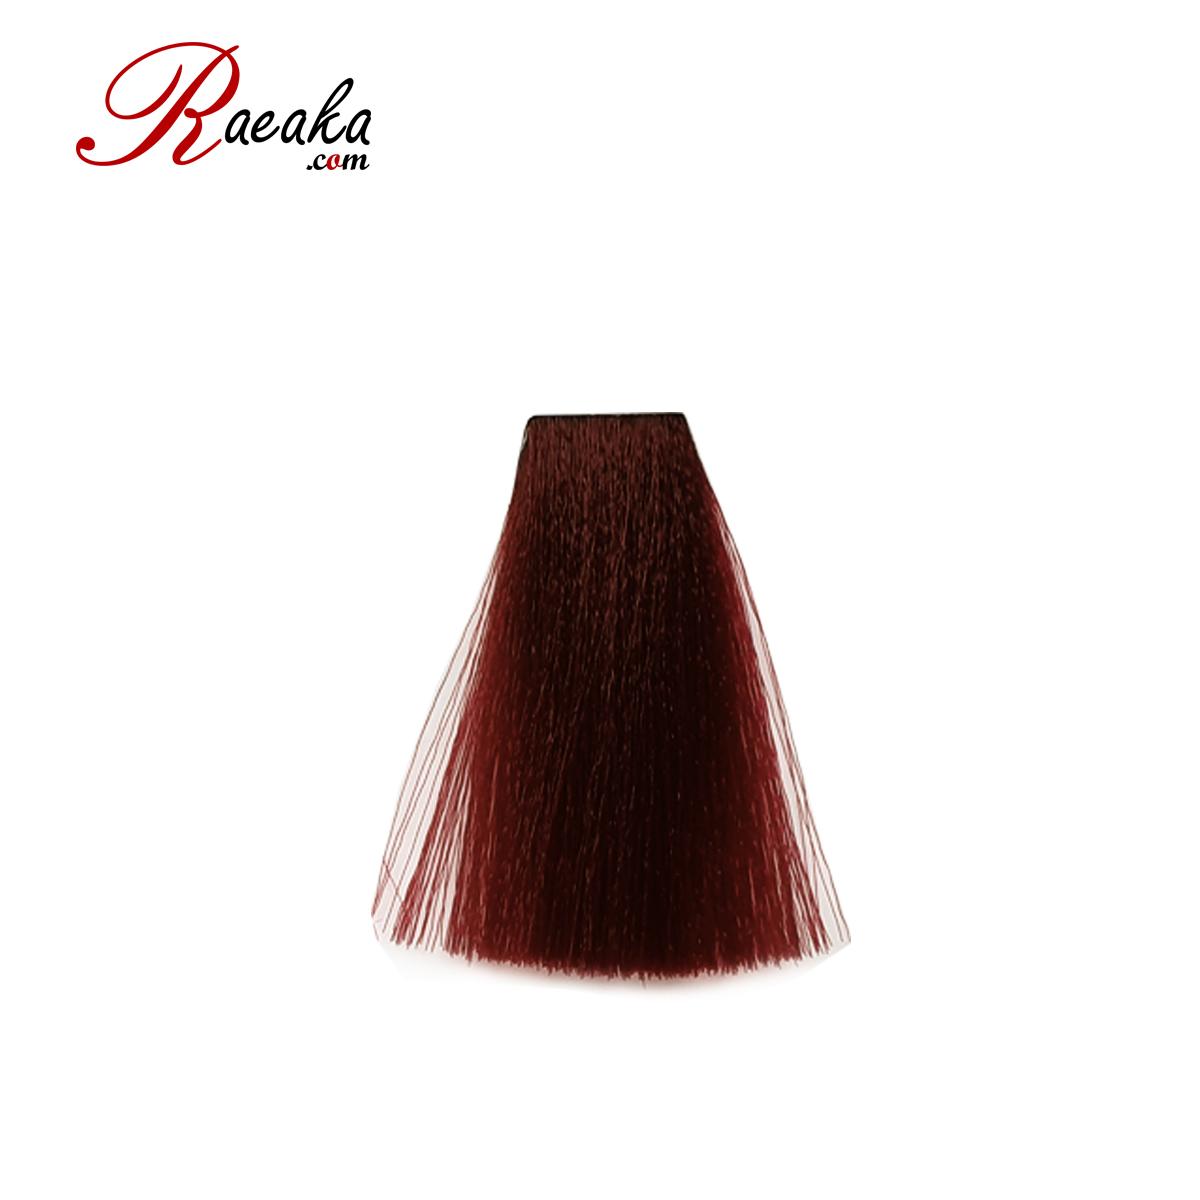 رنگ مو دوماسی سری قرمز قرمز اناری ۳٫۶ حجم ۱۲۰ میلی لیتر